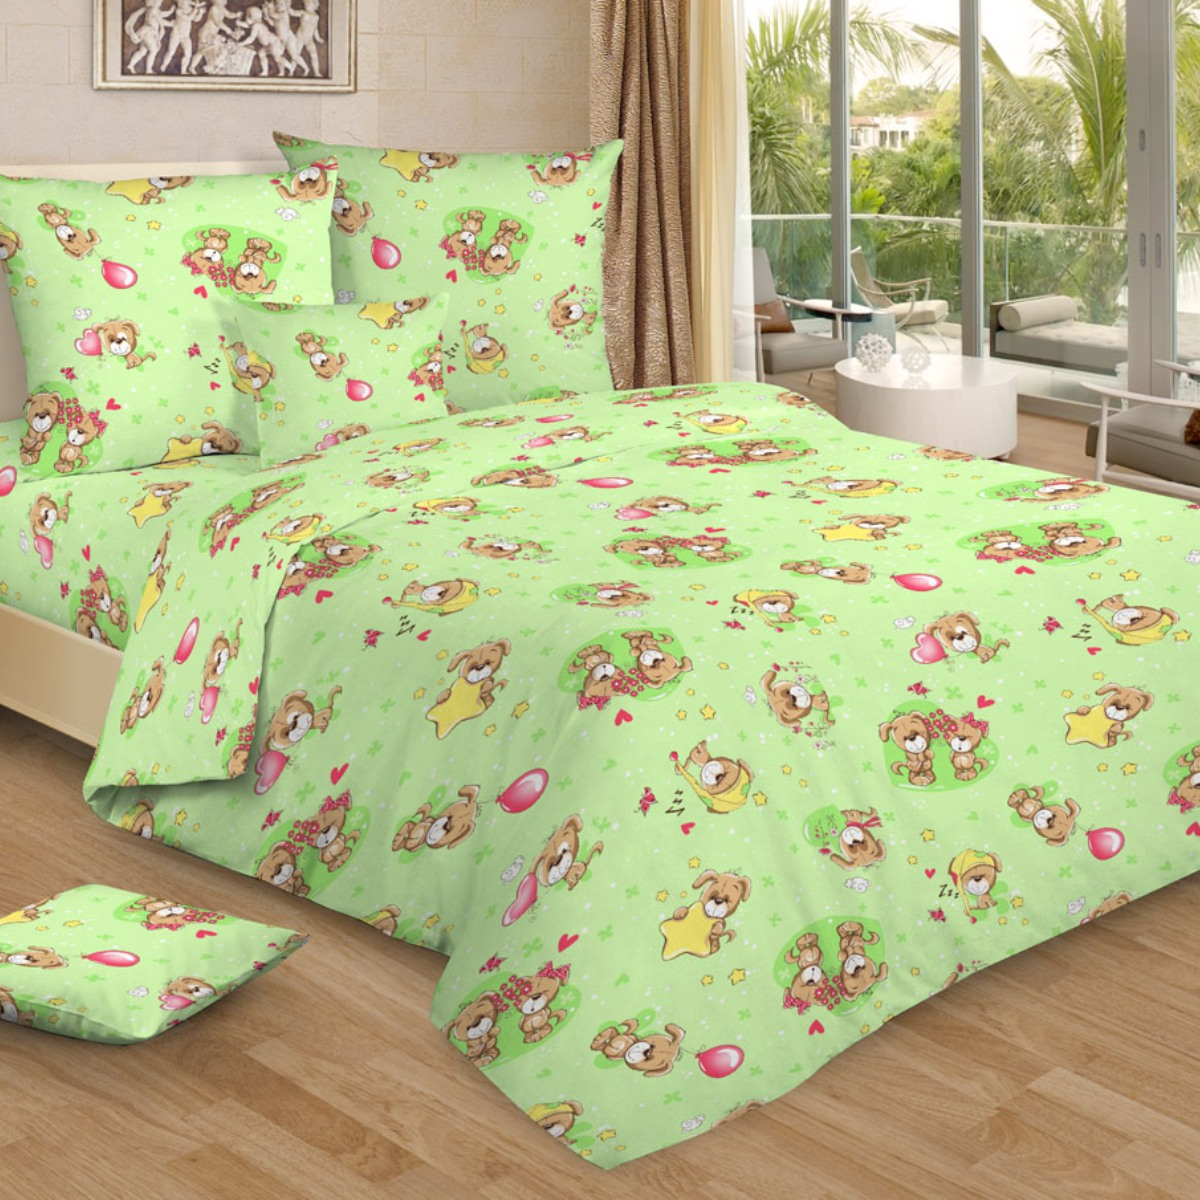 Letto Комплект в кроватку Ясли с простыней на резинке 3 предмета BGR-75